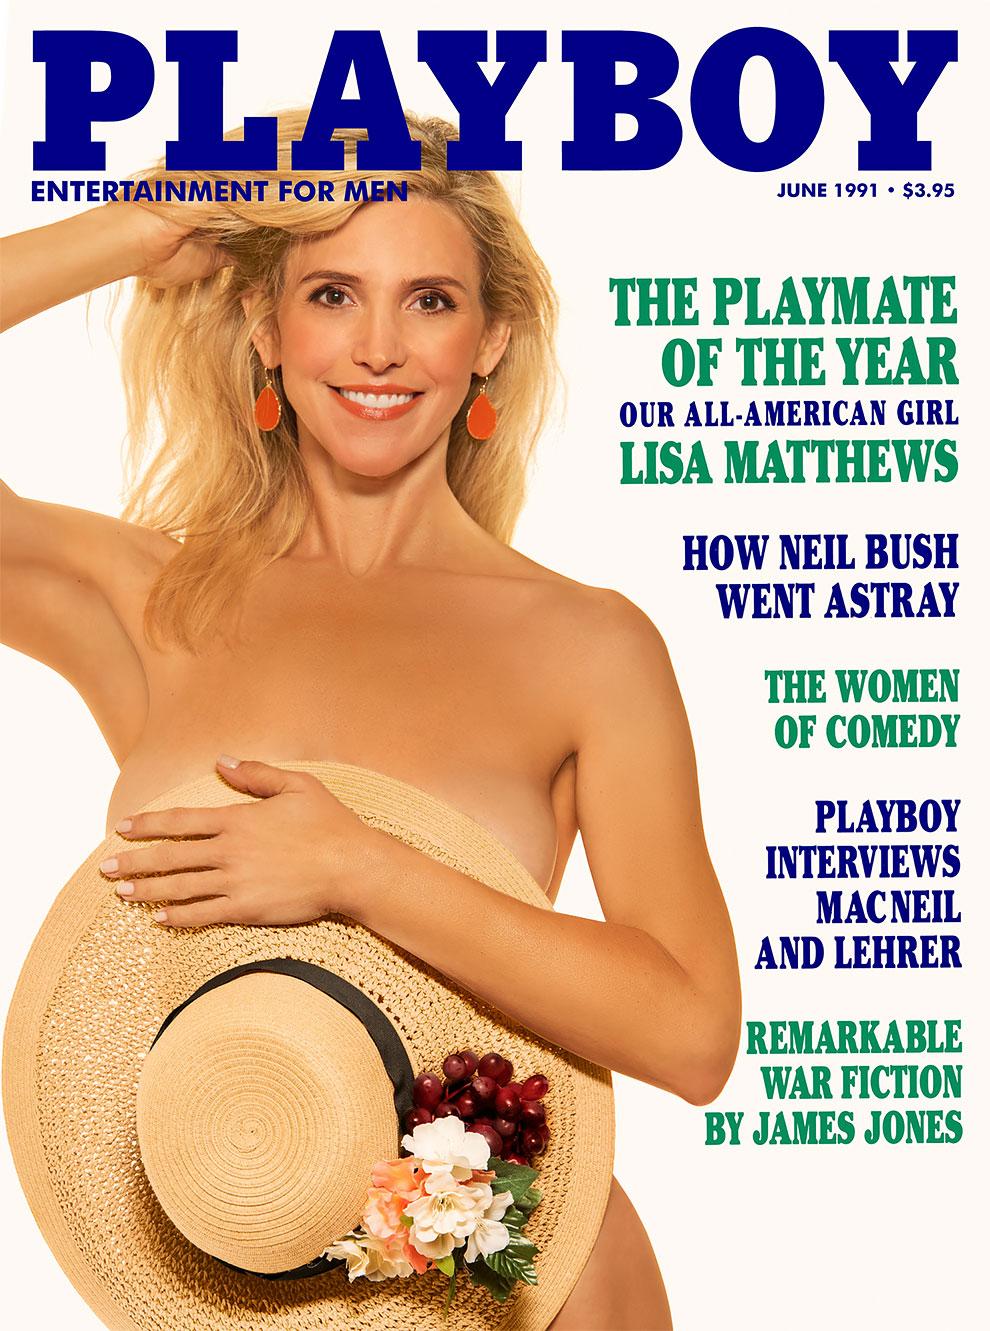 30 лет спустя: журнал Playboy воссоздал свои культовые обложки с теми же моделями 14